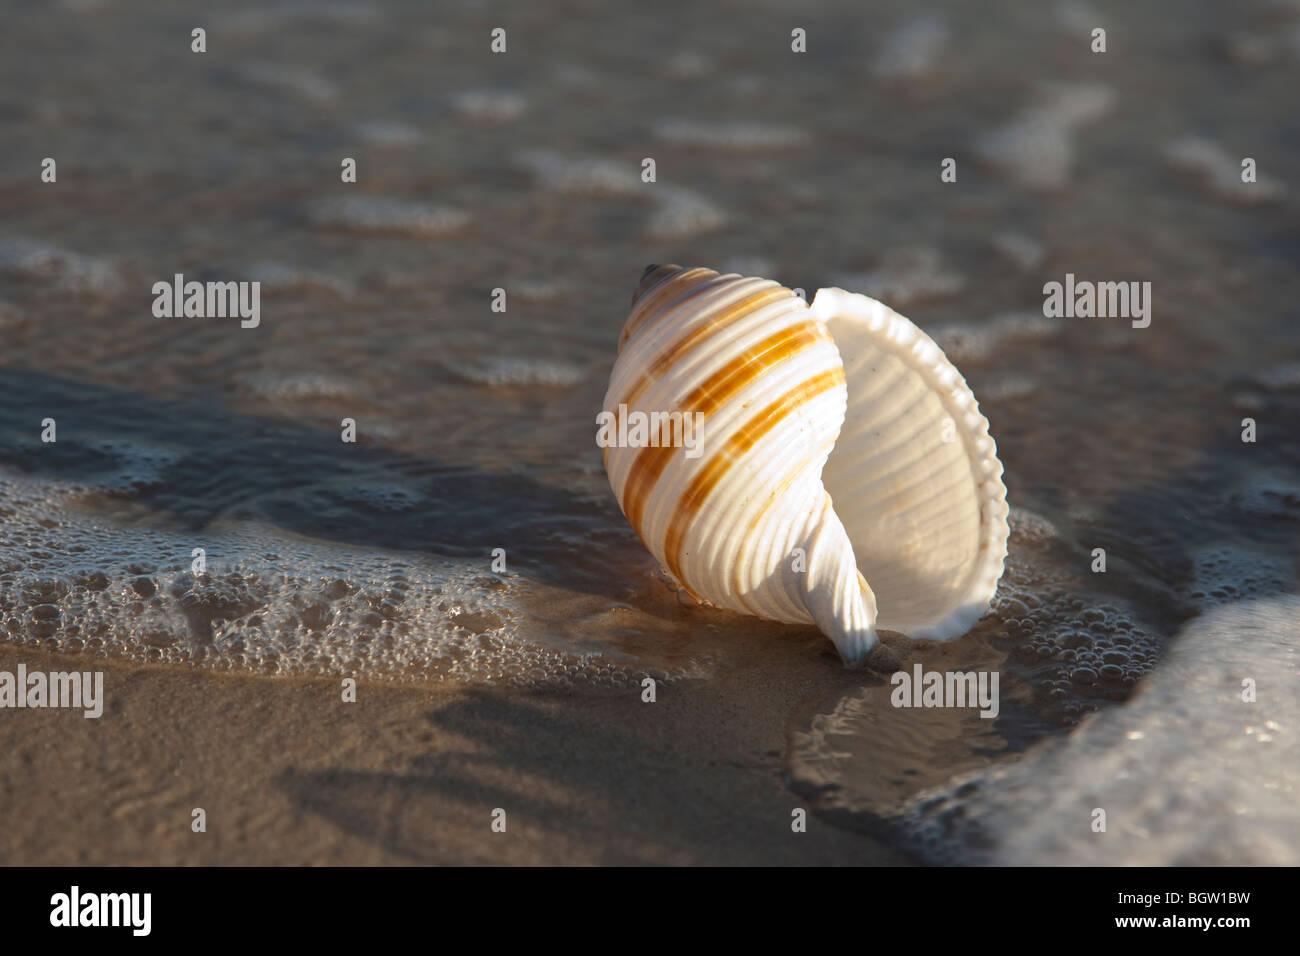 Shell en una playa de arena amarilla Imagen De Stock